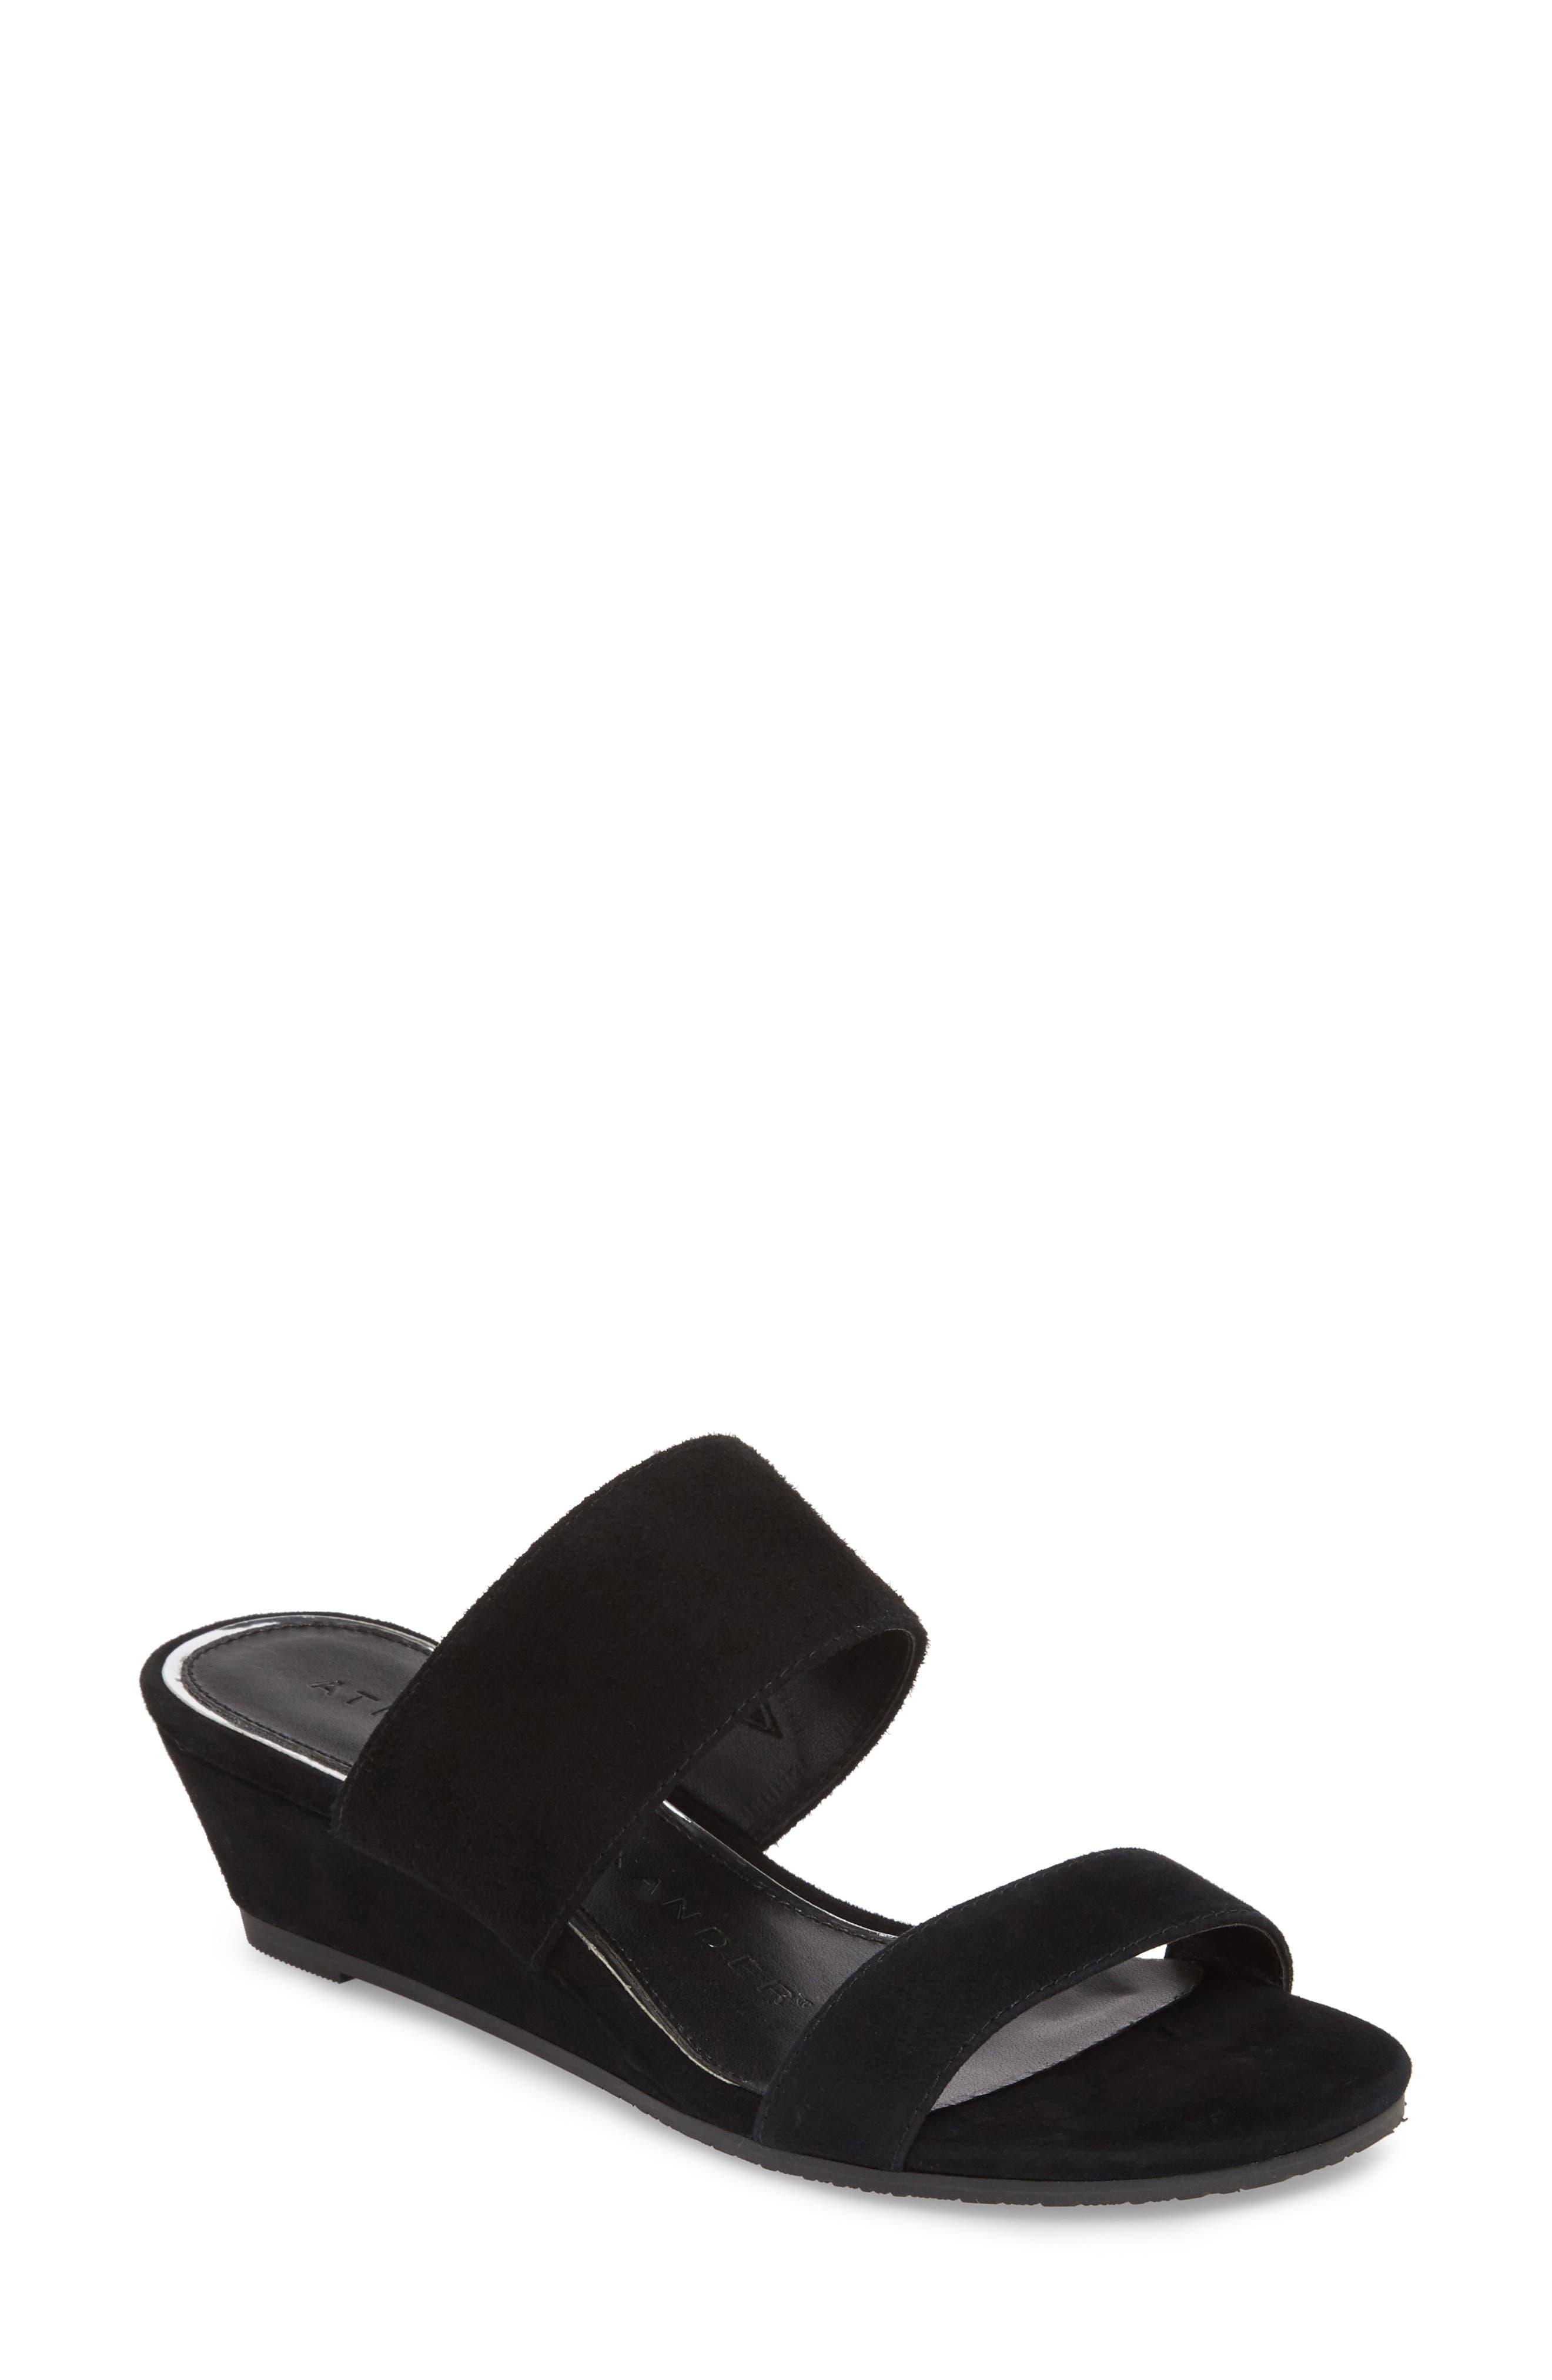 Burlington Wedge Slide Sandal,                         Main,                         color, BLACK SUEDE